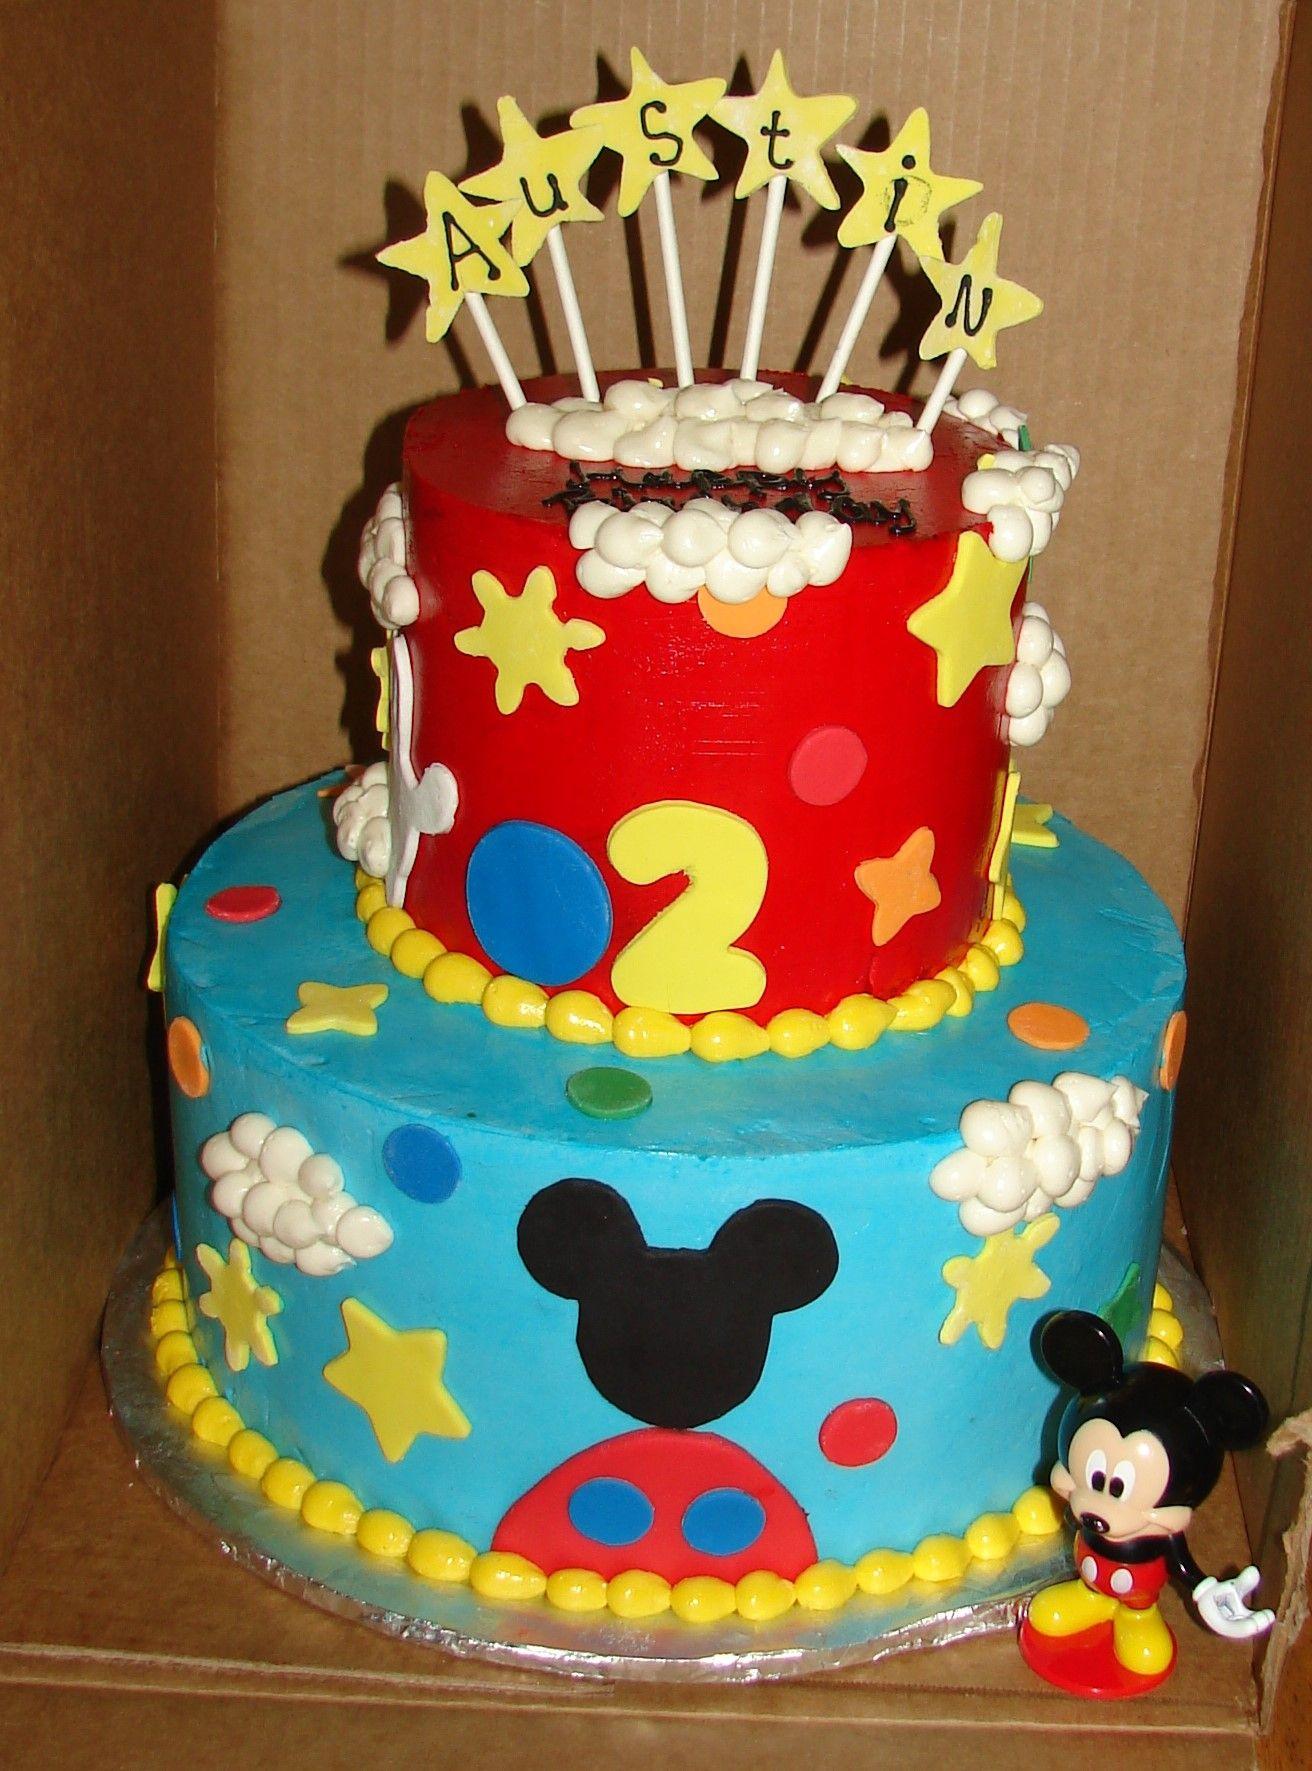 Stupendous Birthday Cake For Mickey Mouse Theme Birthday Party Mickey Mouse Funny Birthday Cards Online Unhofree Goldxyz